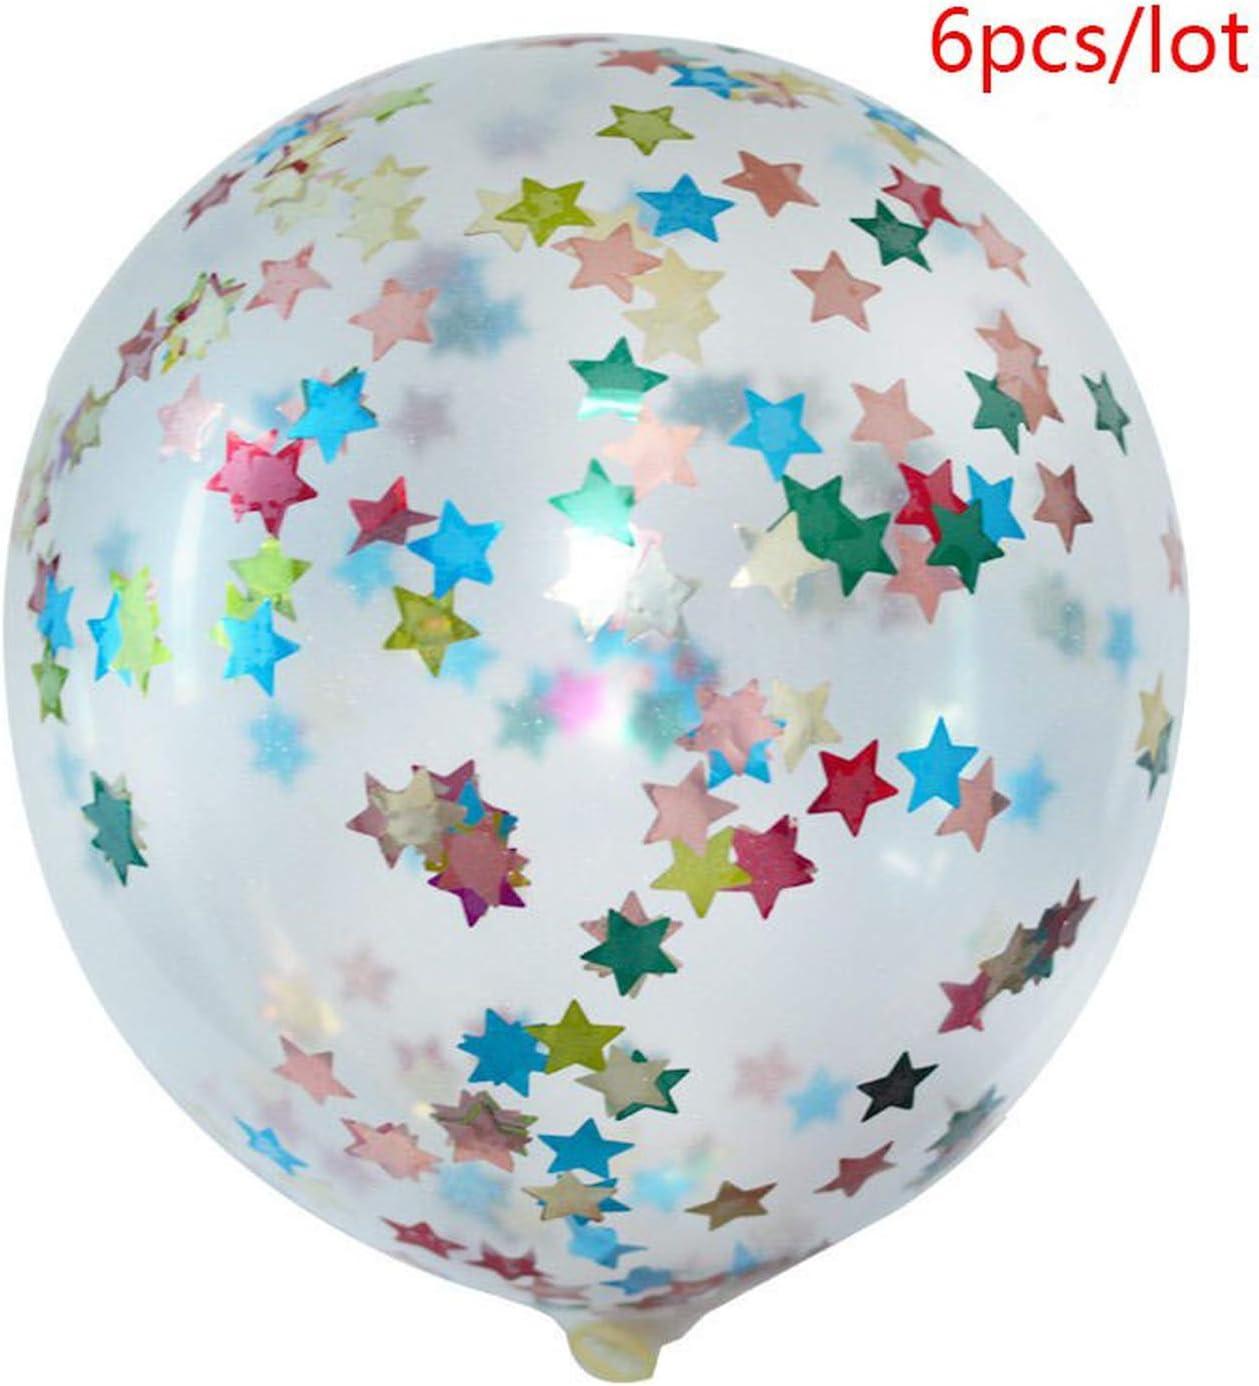 Bolones de ducha nupciales de cumpleaños | Letra Globos de Foil España Feliz Cumpleaños Feliz cumpleaños Balón de fiesta de cumpleaños decoración infantil bolas de ducha mélange 6pcs étoiles: Amazon.es: Hogar